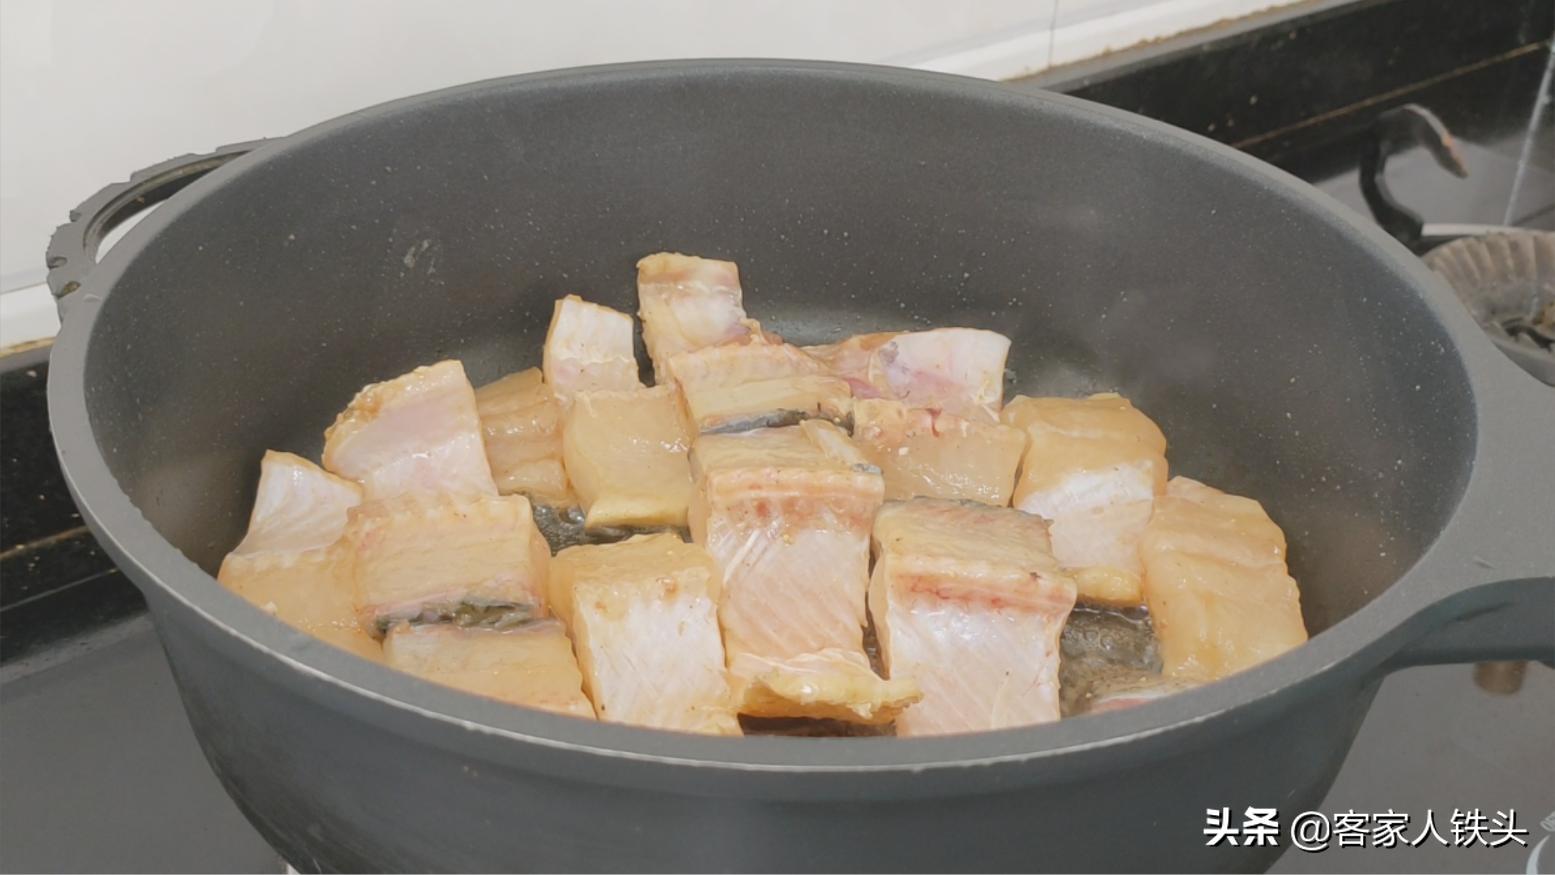 我家待客最爱做的一道蒜香鱼,香味四溢入味好吃,一开盖流口水了